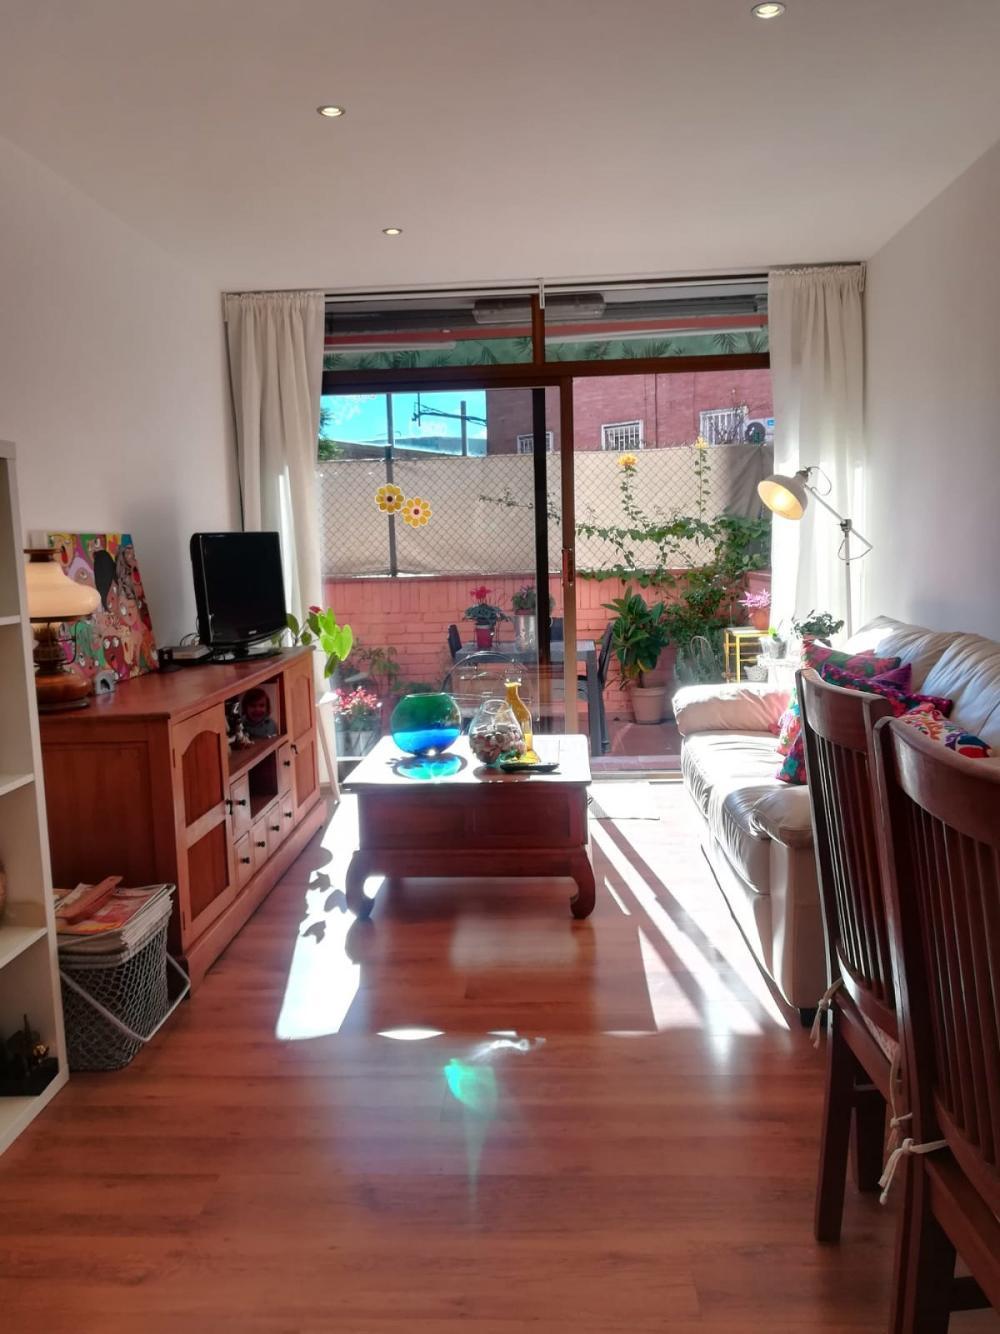 sant andreu-sant andreu barcelona piso foto 3563561